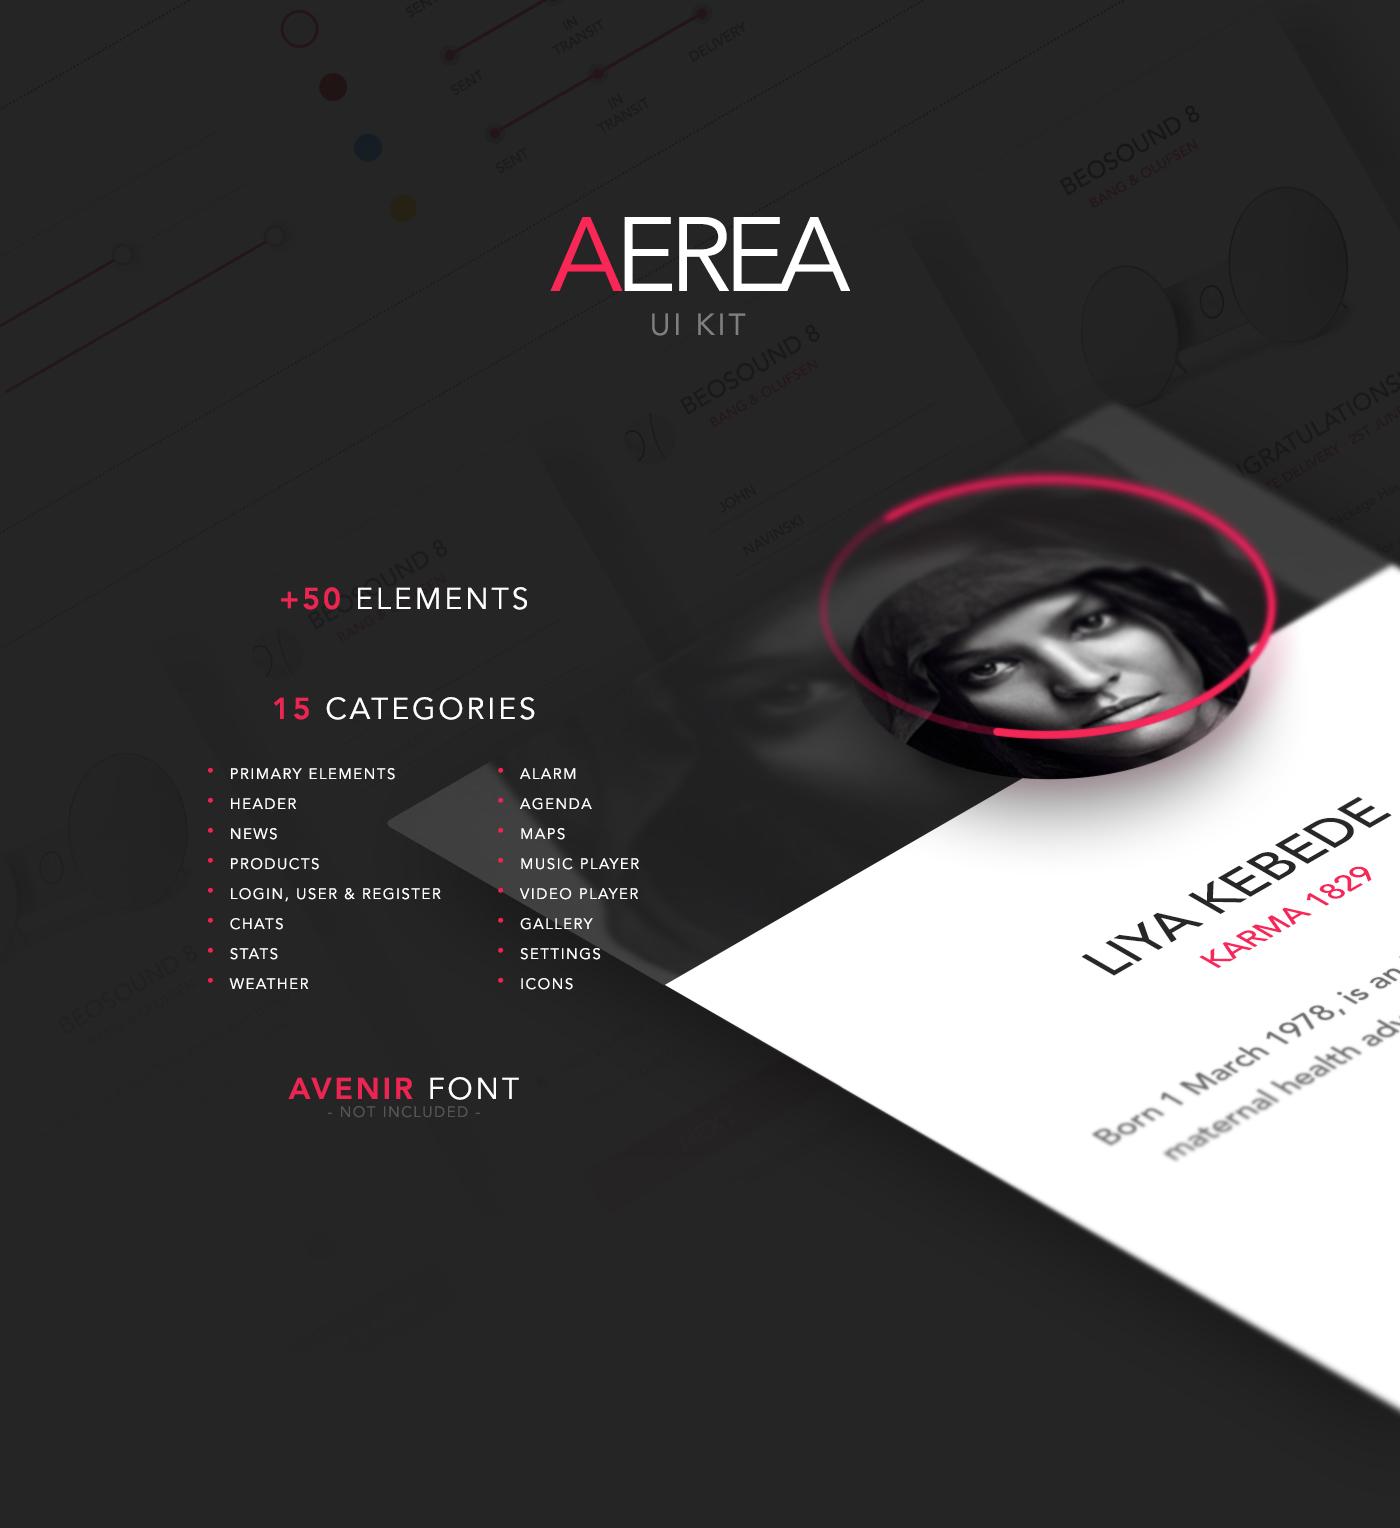 AEREA UI Kit +5- Elements for Photoshop